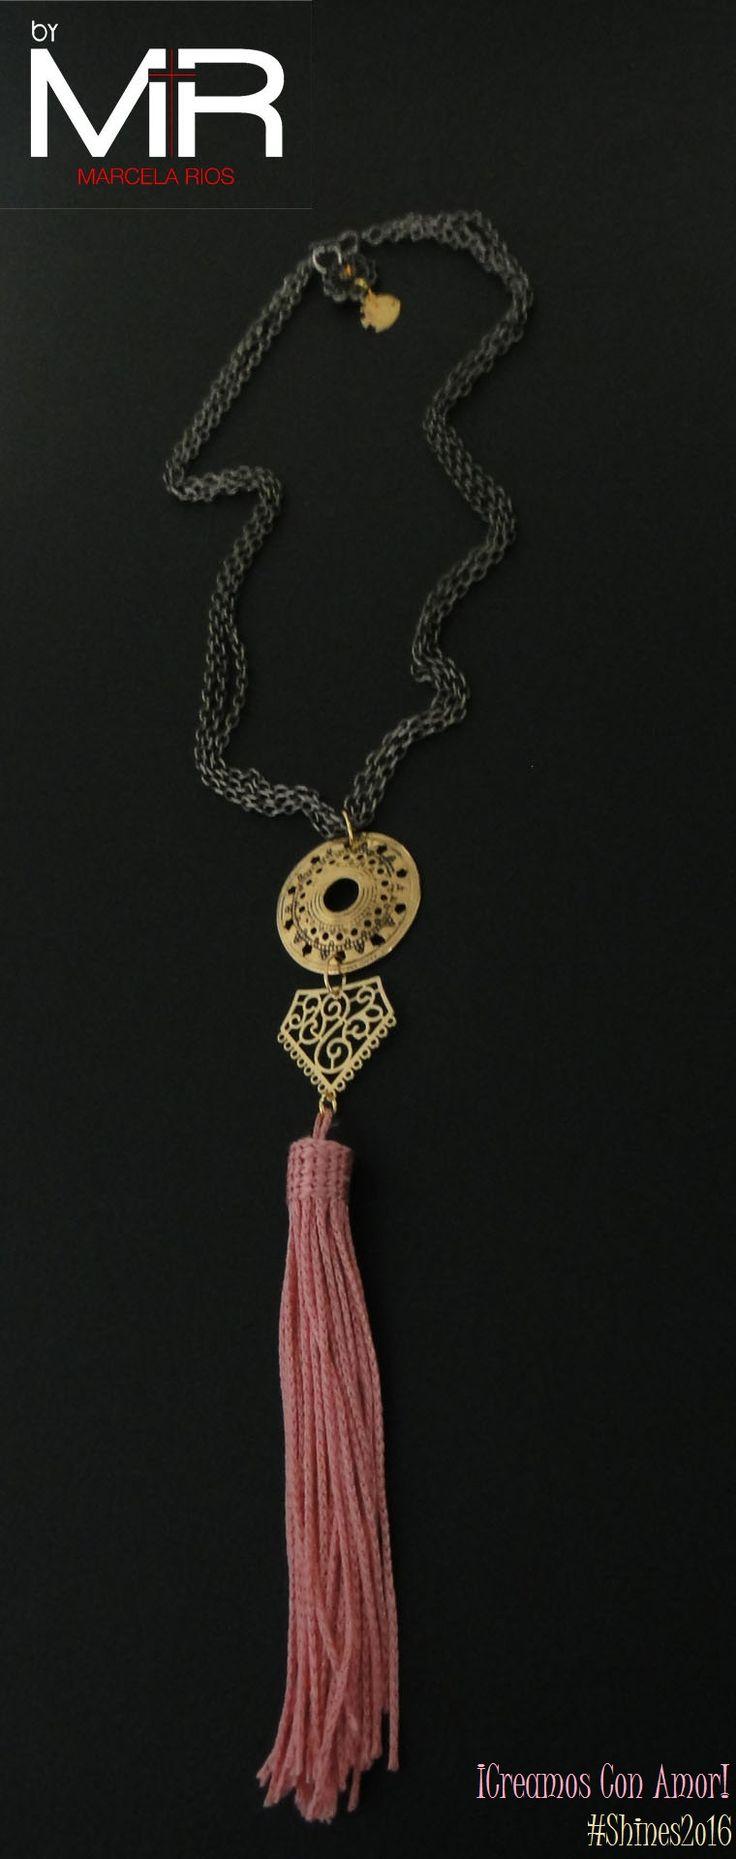 Línea: Shines2o16 Ref: VOO7 Cop:$32.ooo Descripción: Collar tipo gargantilla, hecho con cadenas x 3 lazos color bronce, adornada con una linda brooms color rosa.  ¡Te encantará!  *Sujeto a disponibilidad.